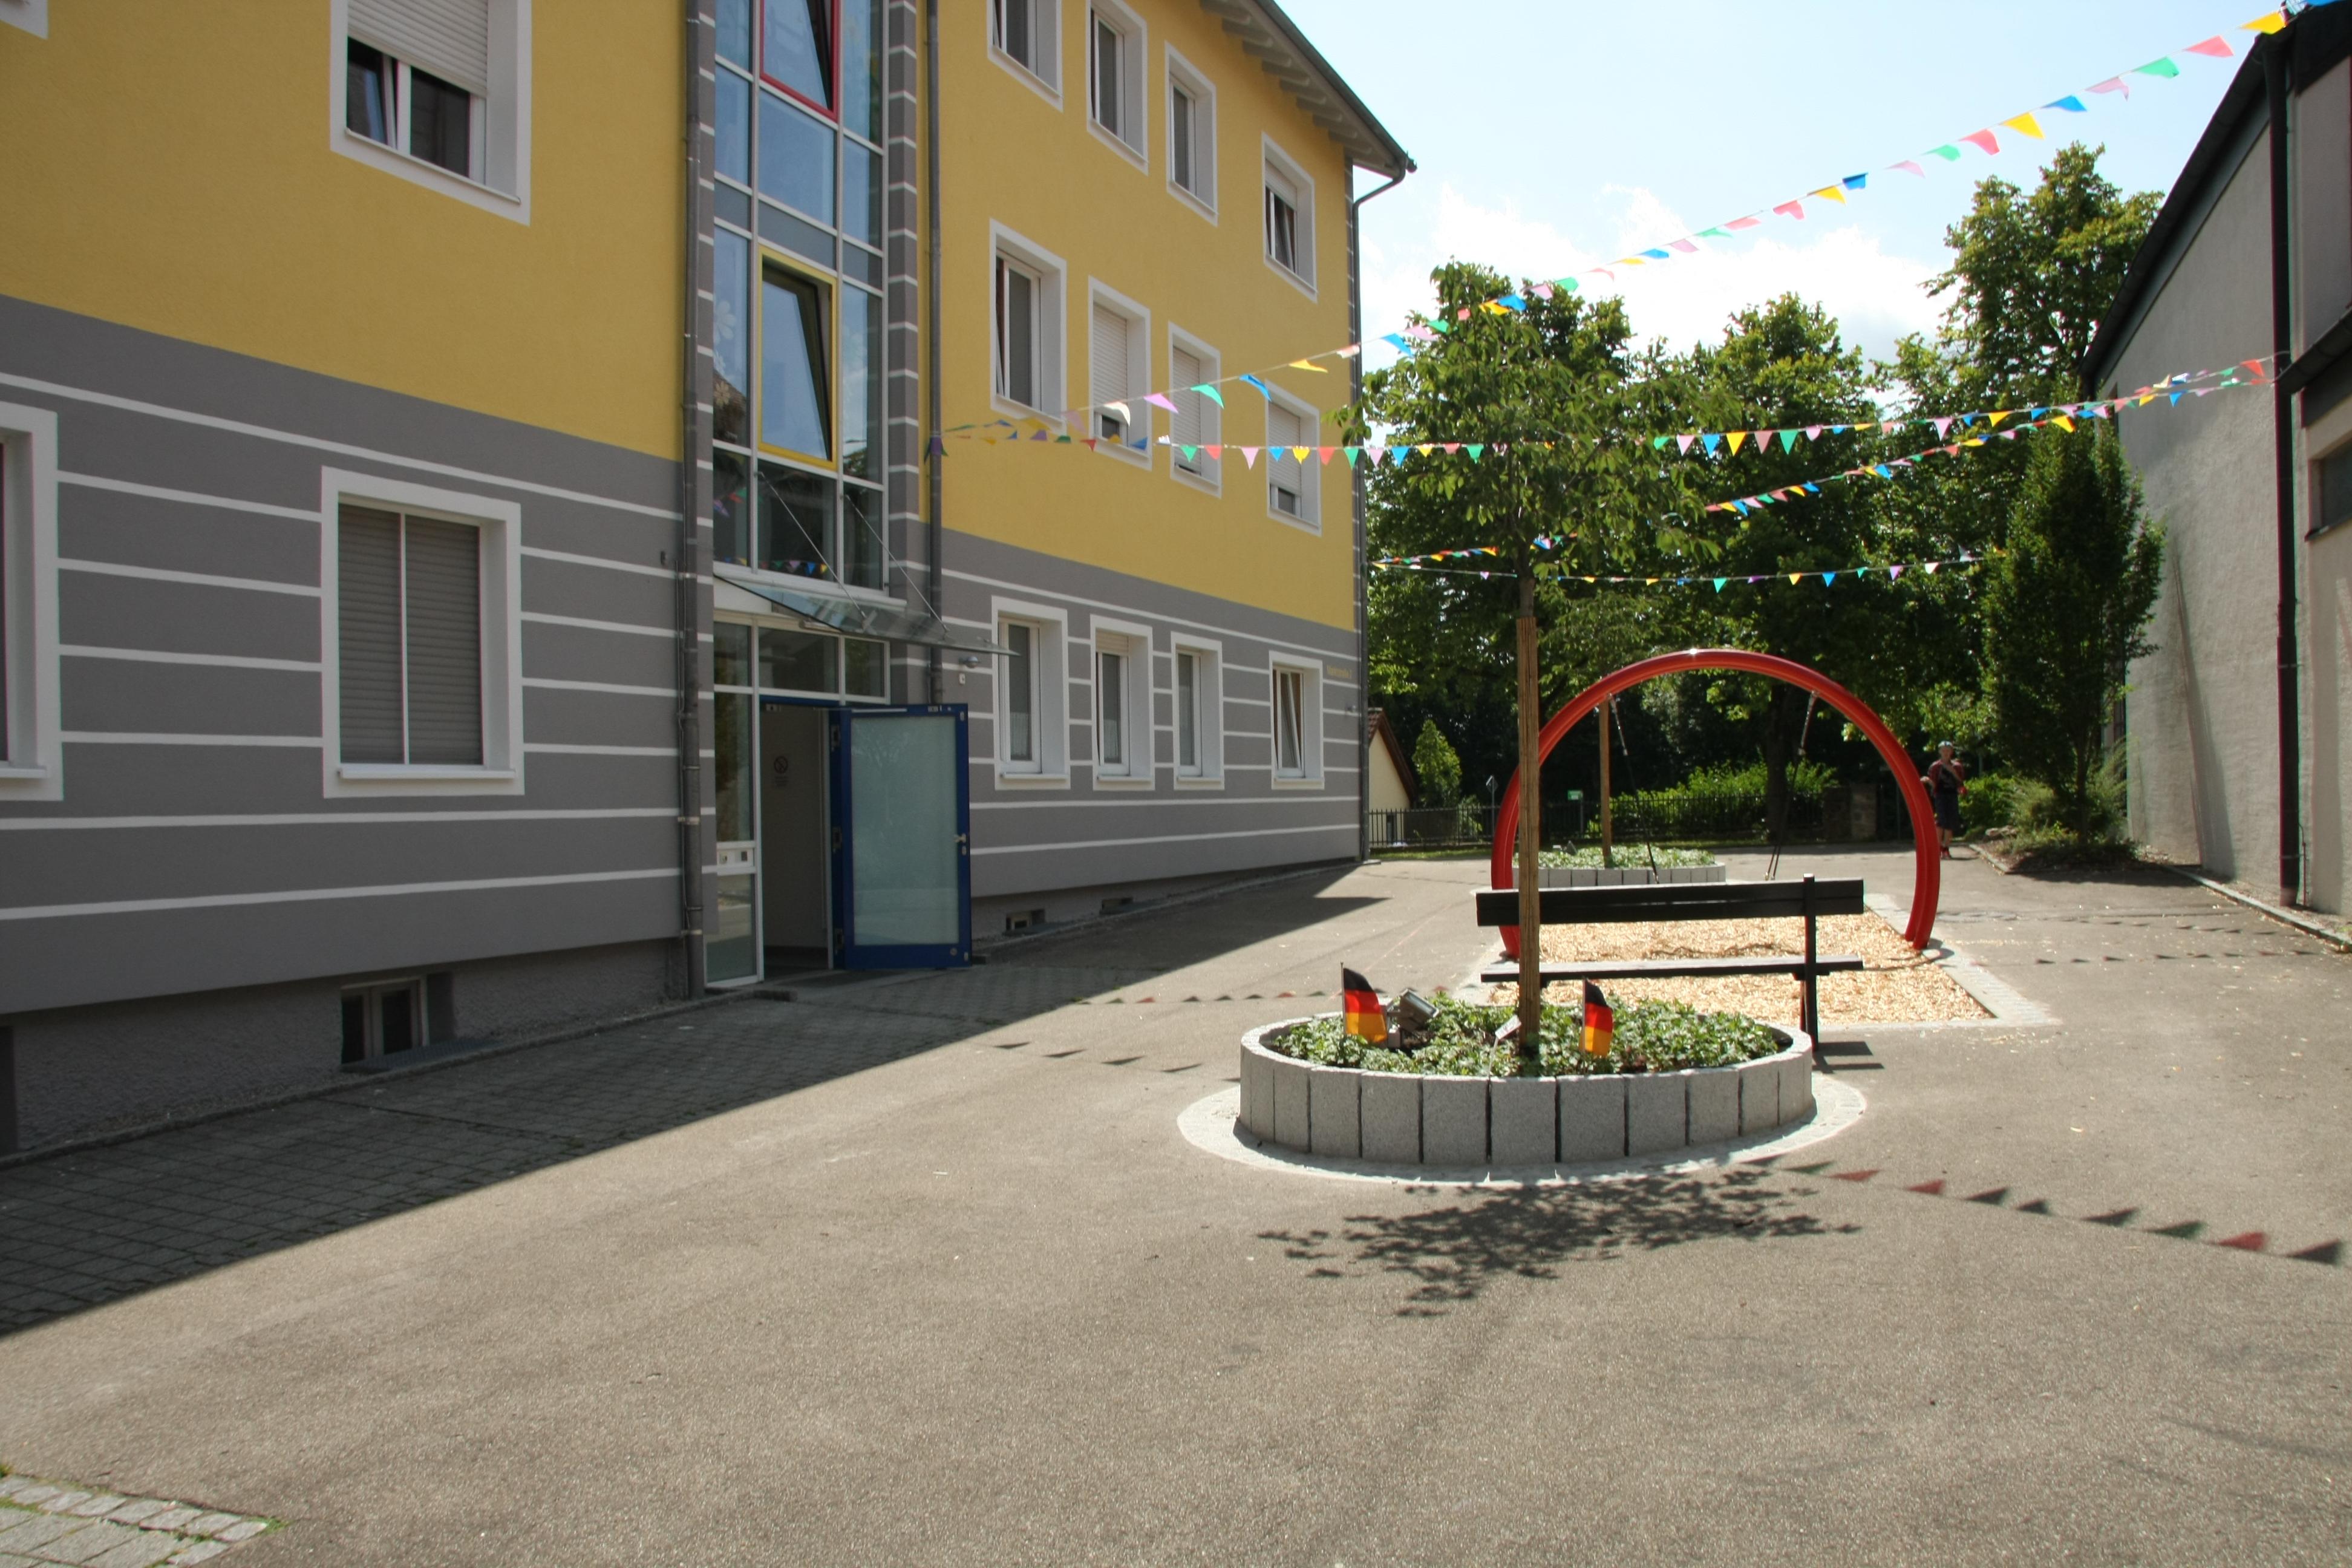 St. Raphael Kinder- und Jugendhilfe - Außenbereich